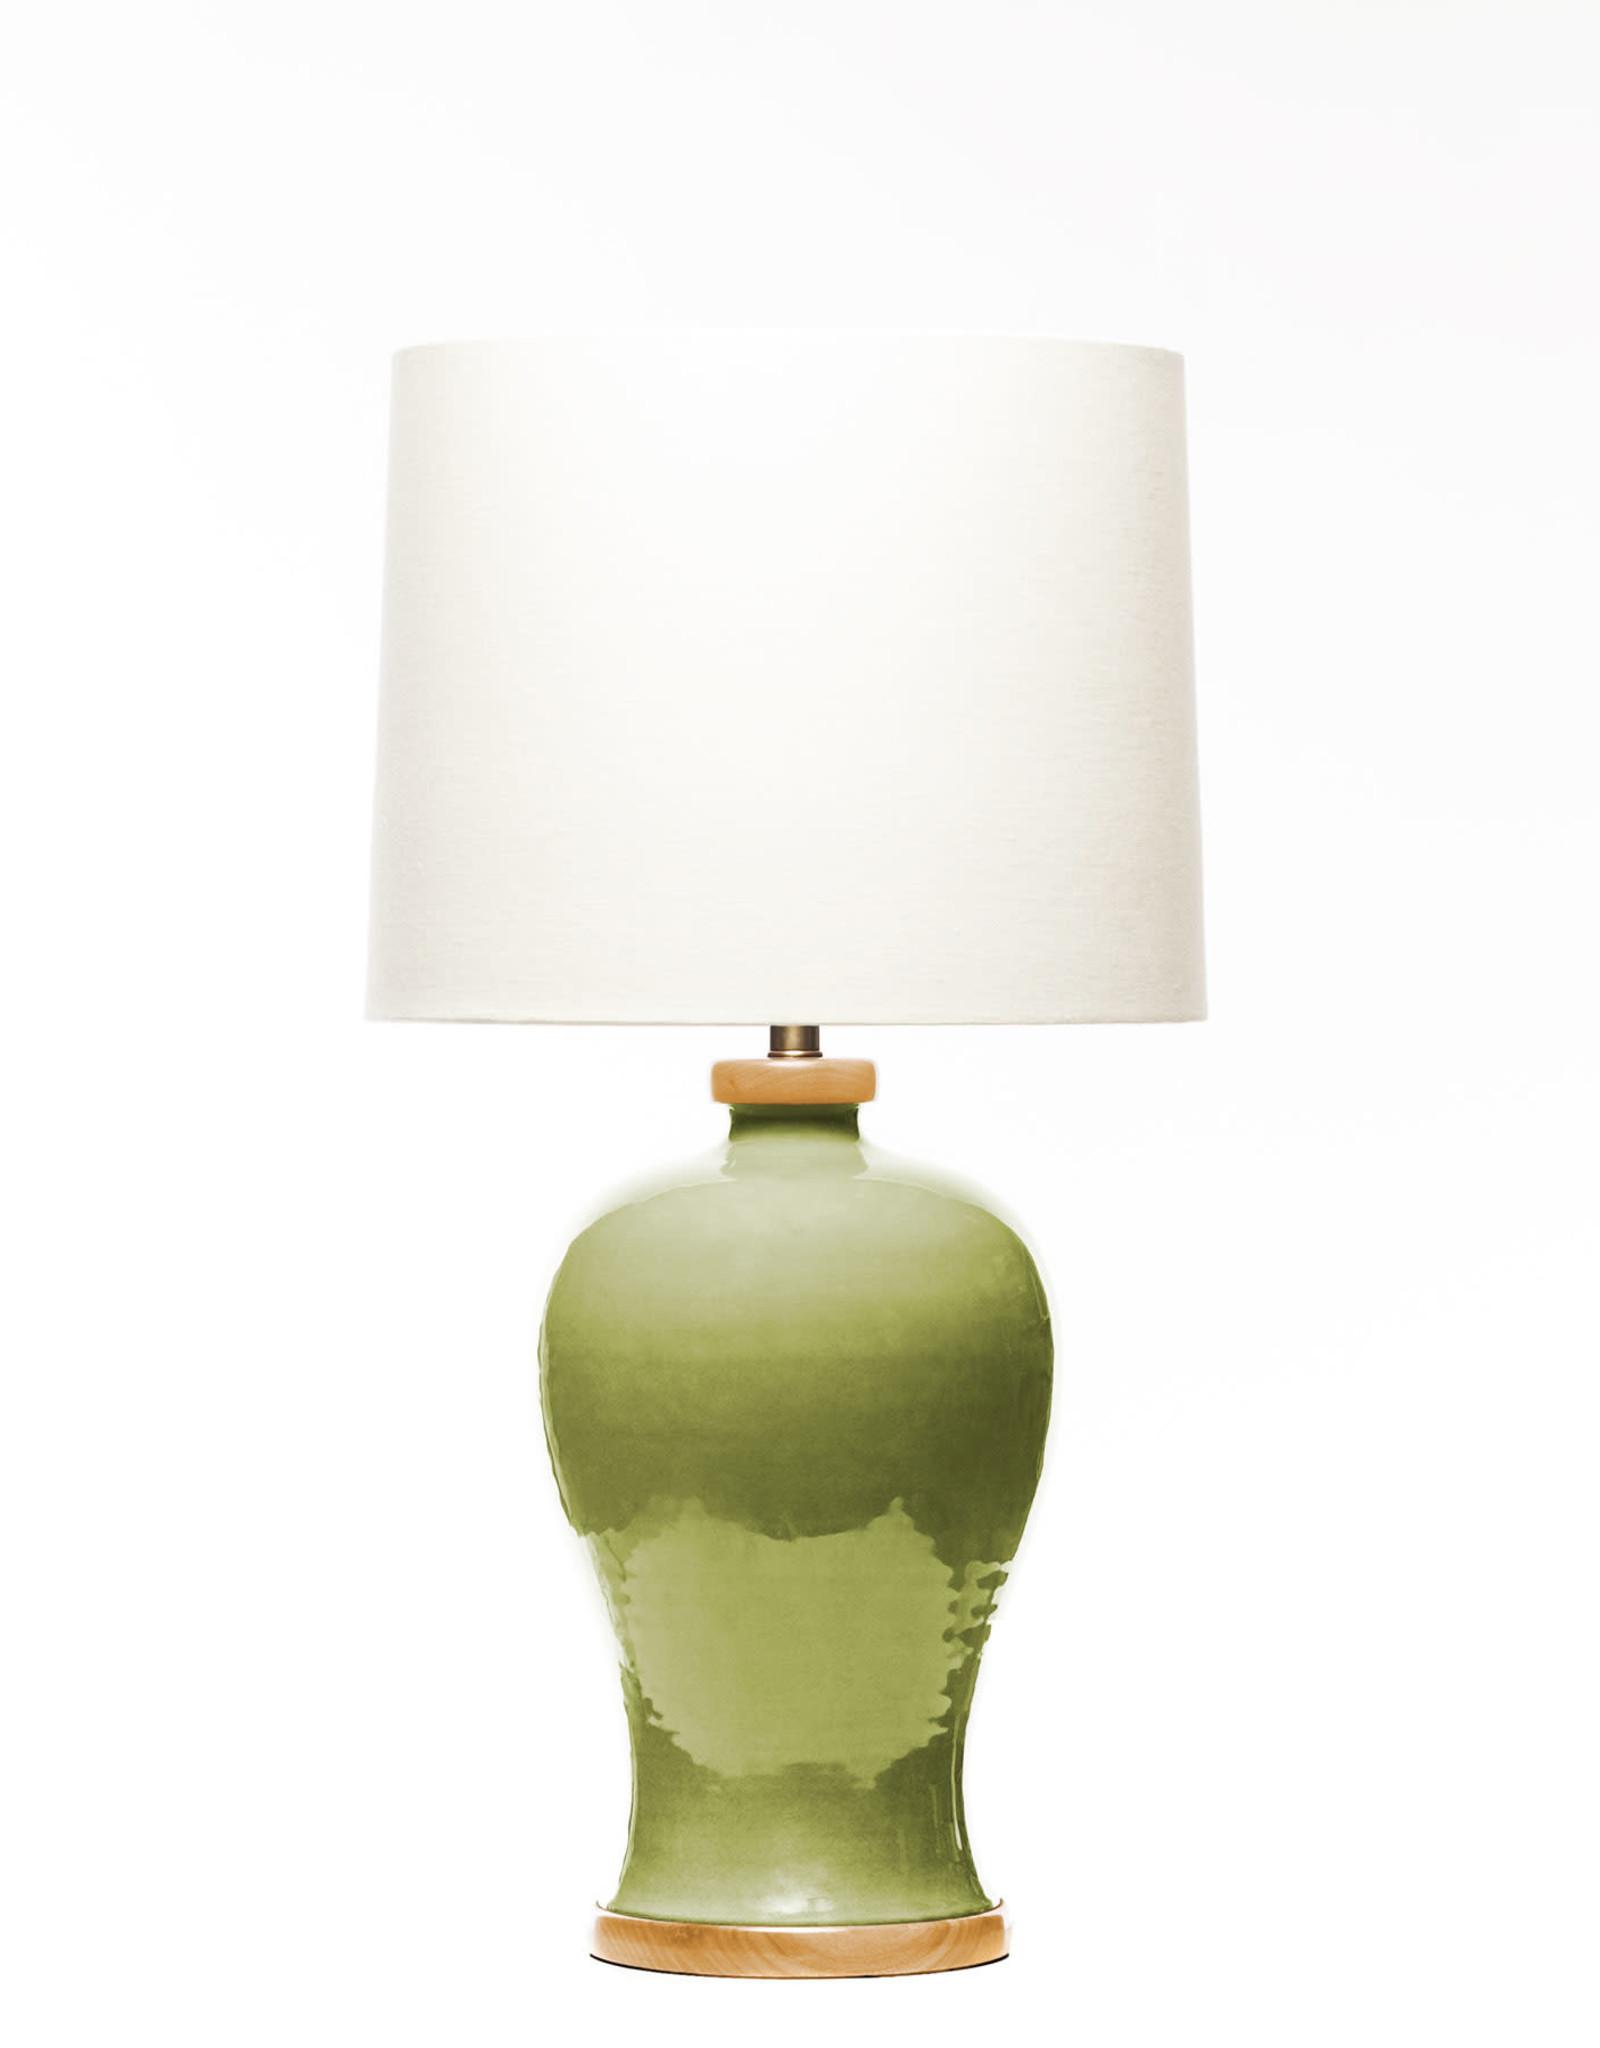 Lawrence & Scott Dashiell Table Lamp in Celadon (Oak)